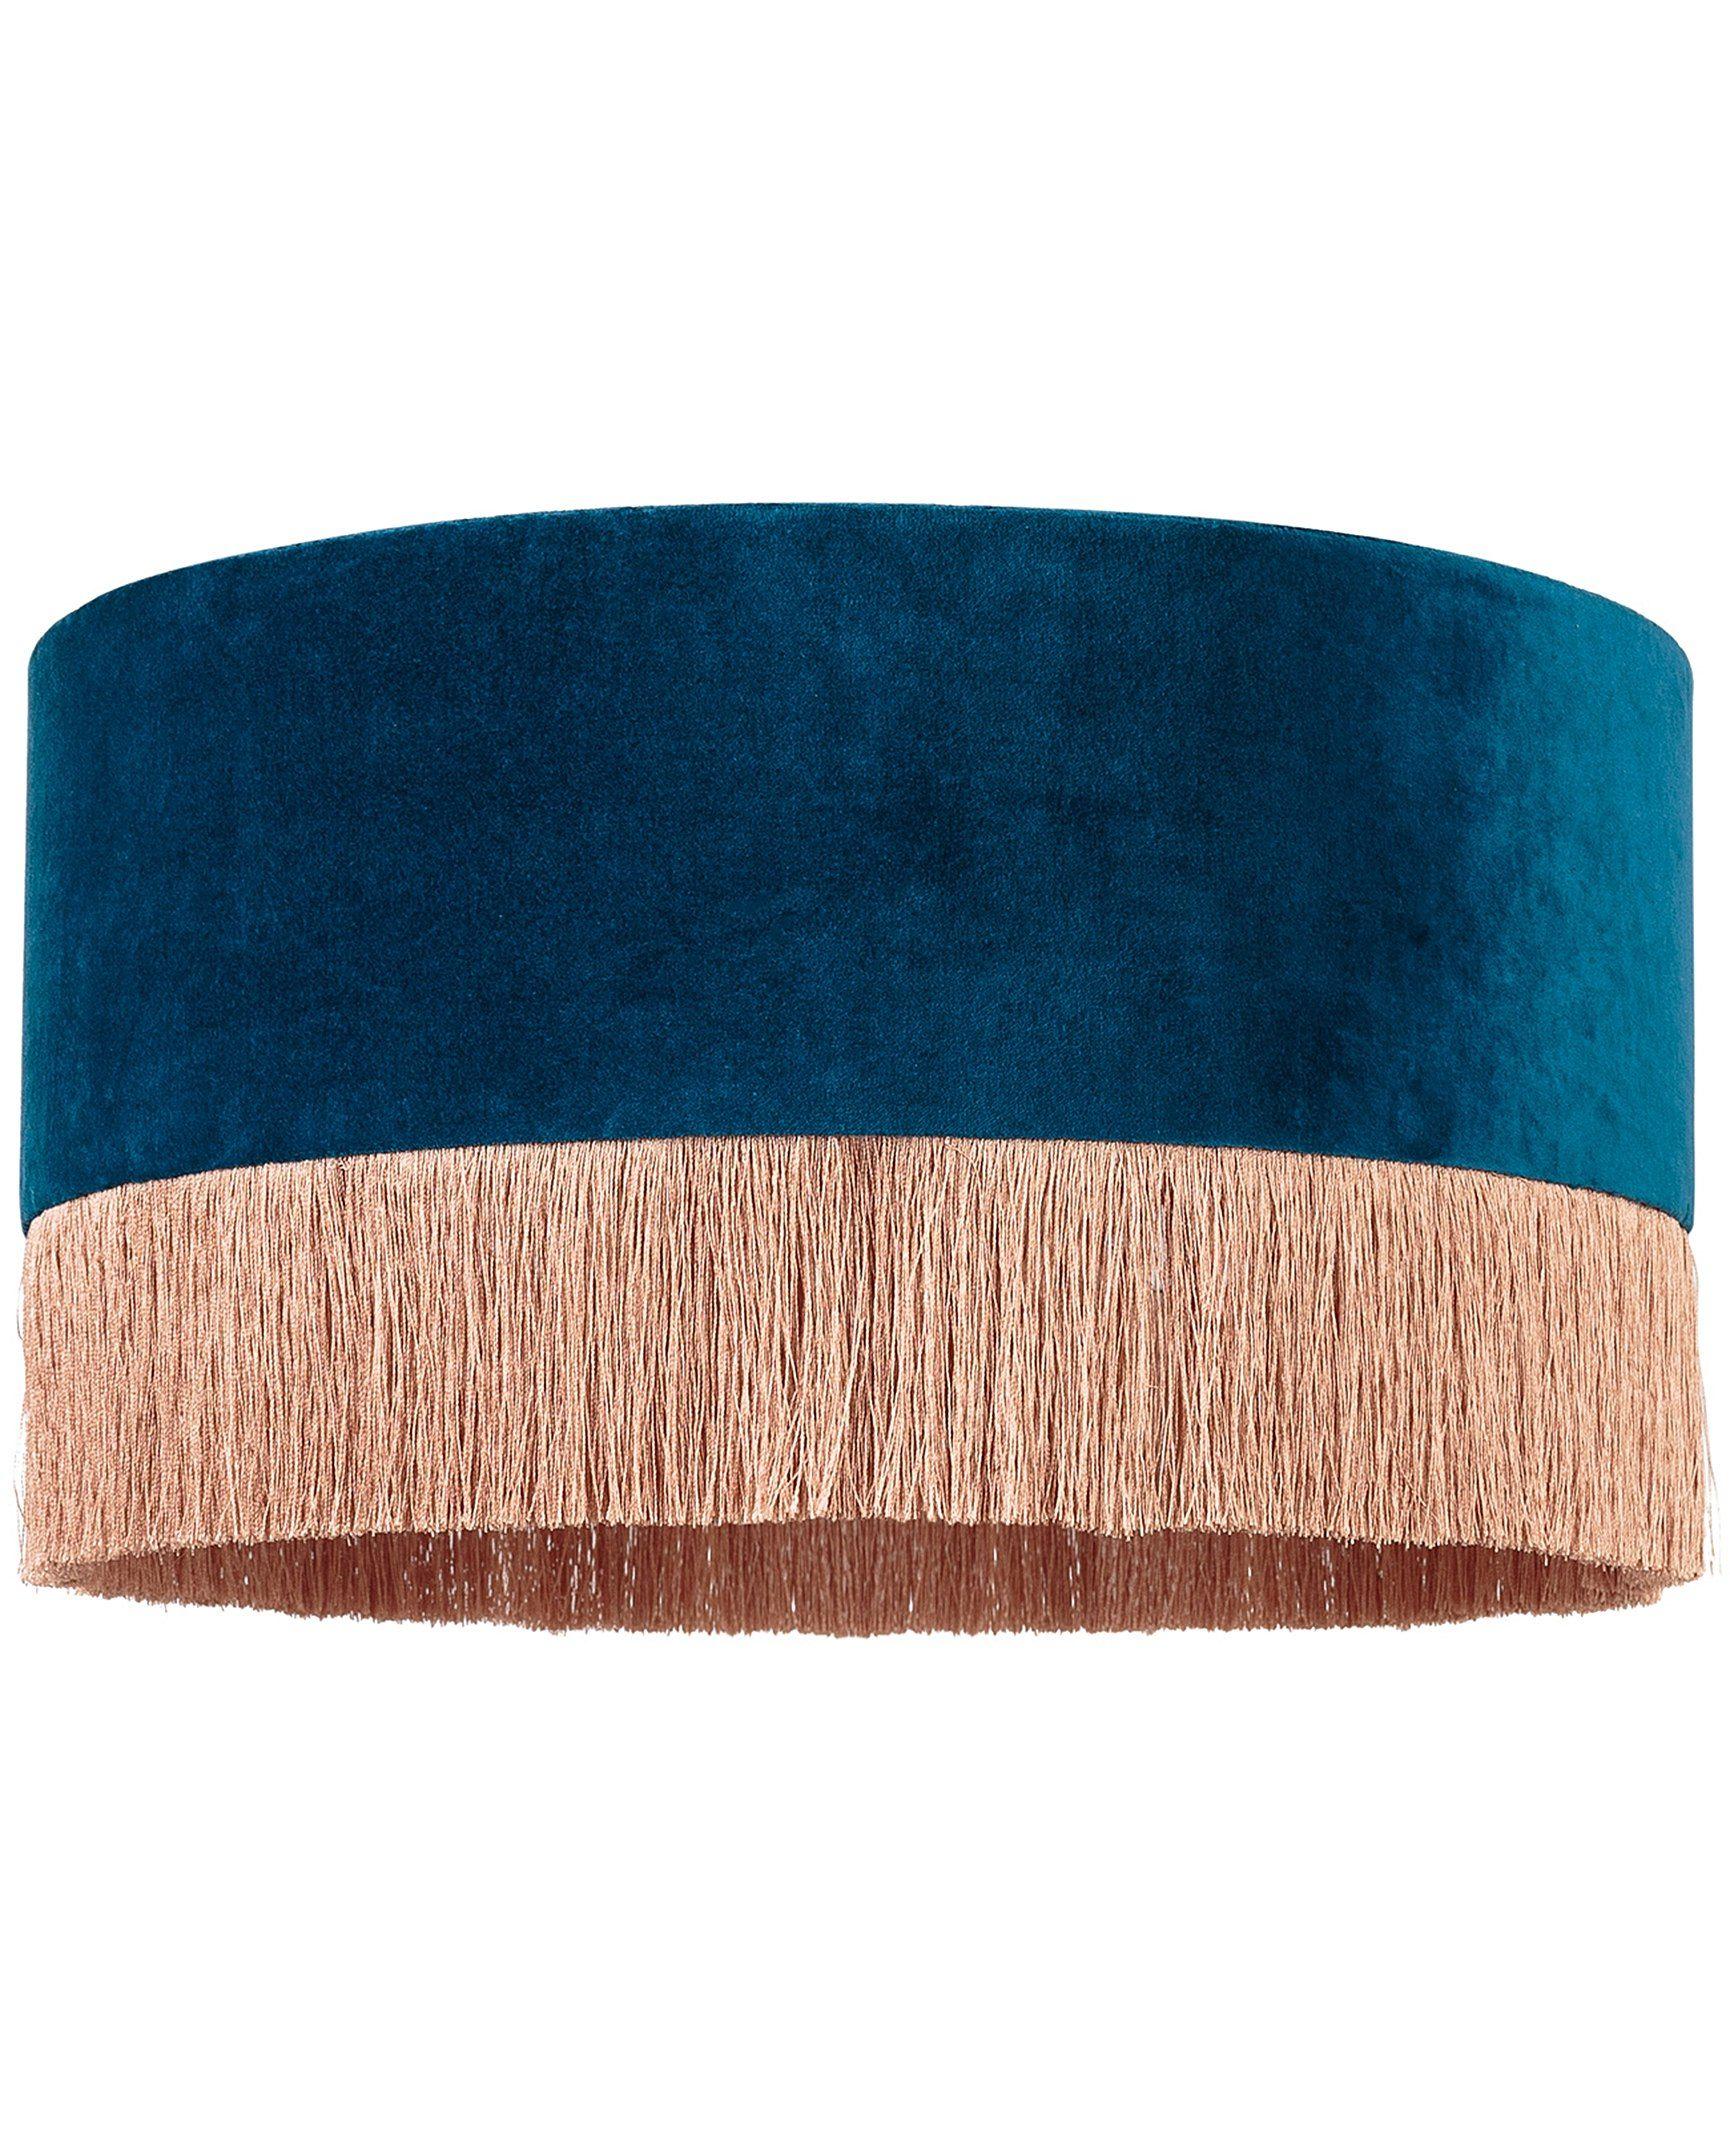 Ero Blue Velvet Shade Table & Desk Lamp